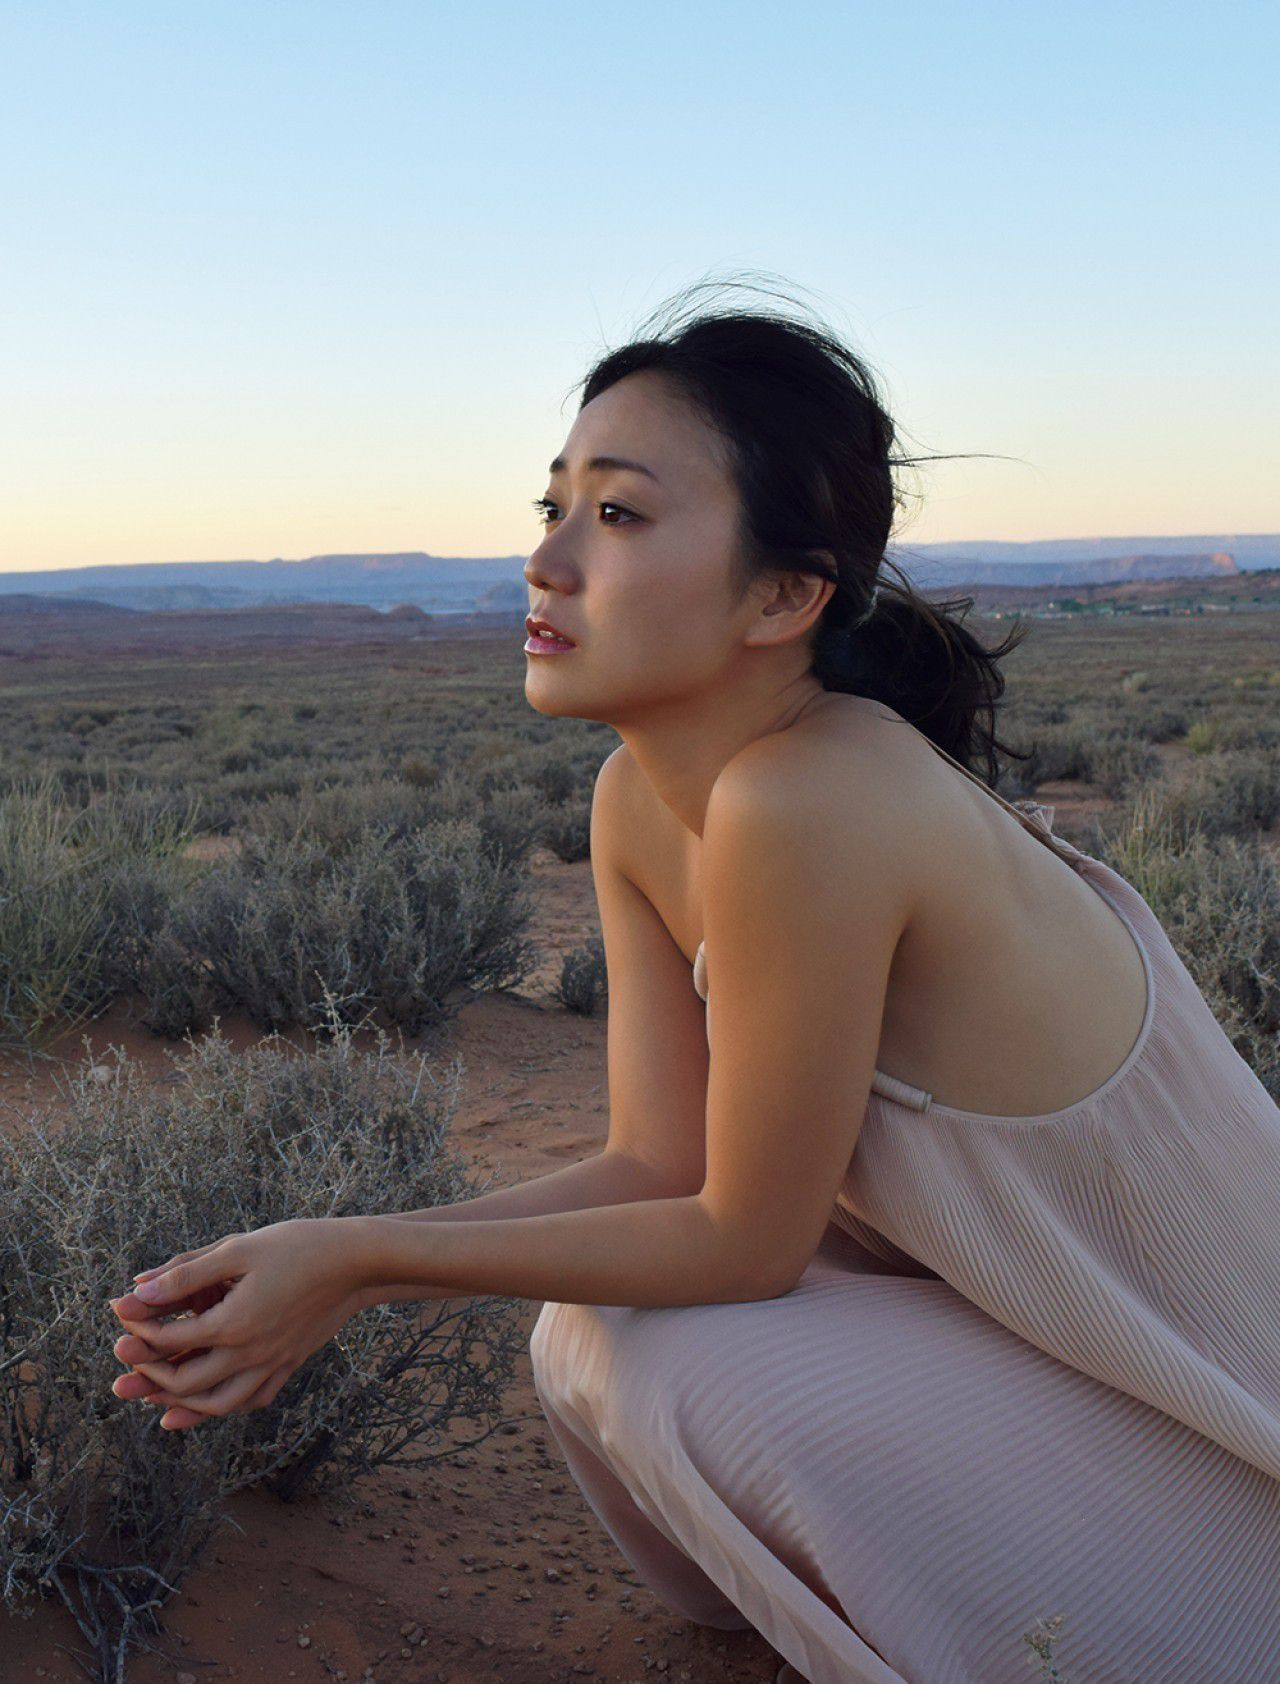 VOL.1 [FRIDAY]日本女星:大岛优子(大島優子)超高清写真套图(11P)